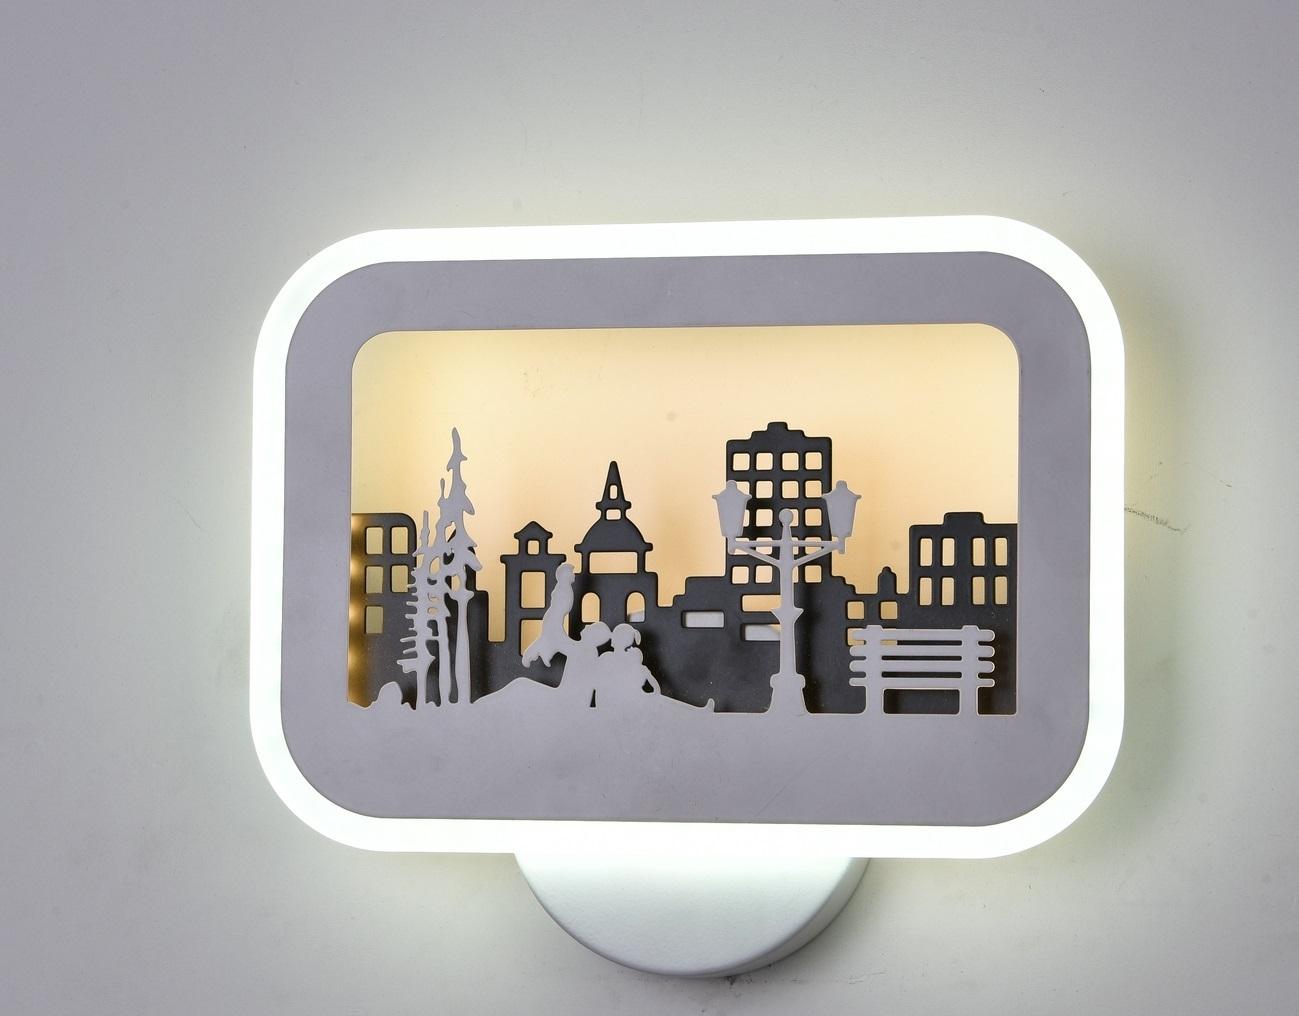 Бра Городской парк LED 6624-26W white+black